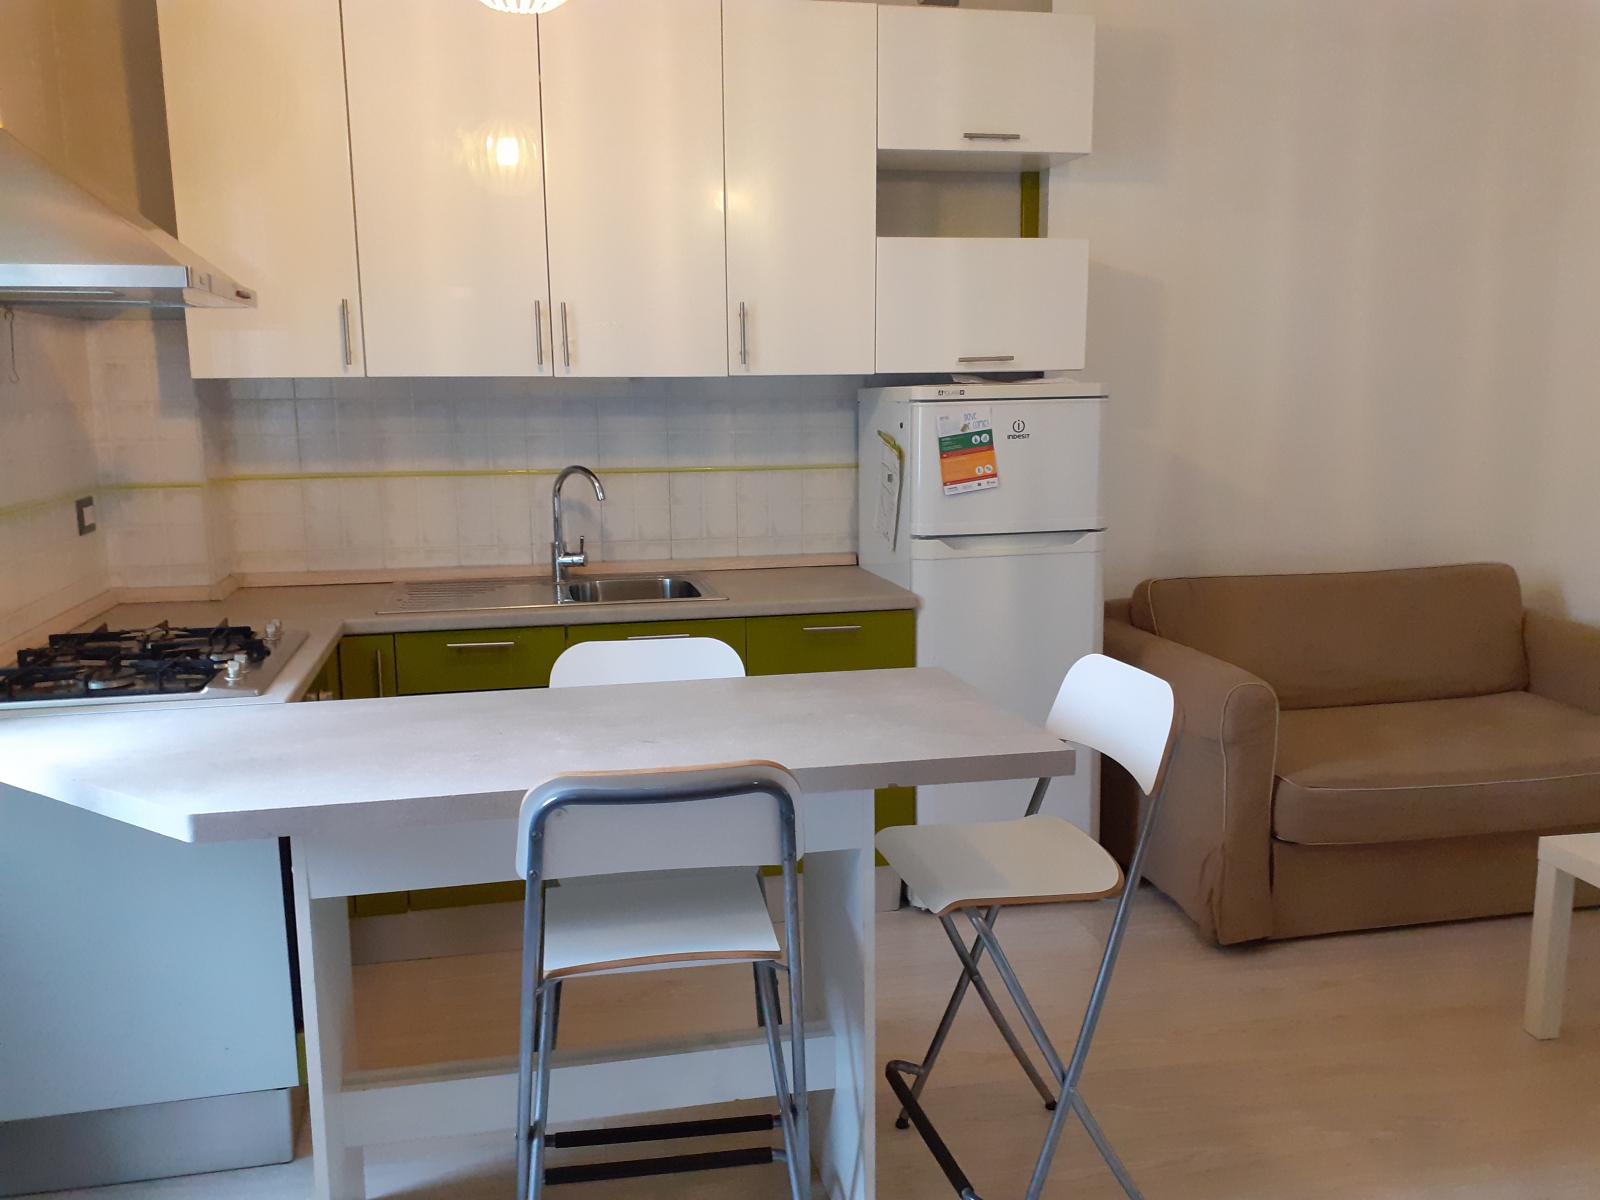 appartamento-in-vendita-milano-baggio-2-locali-open-space-spaziourbano-immobiliare-vende-7